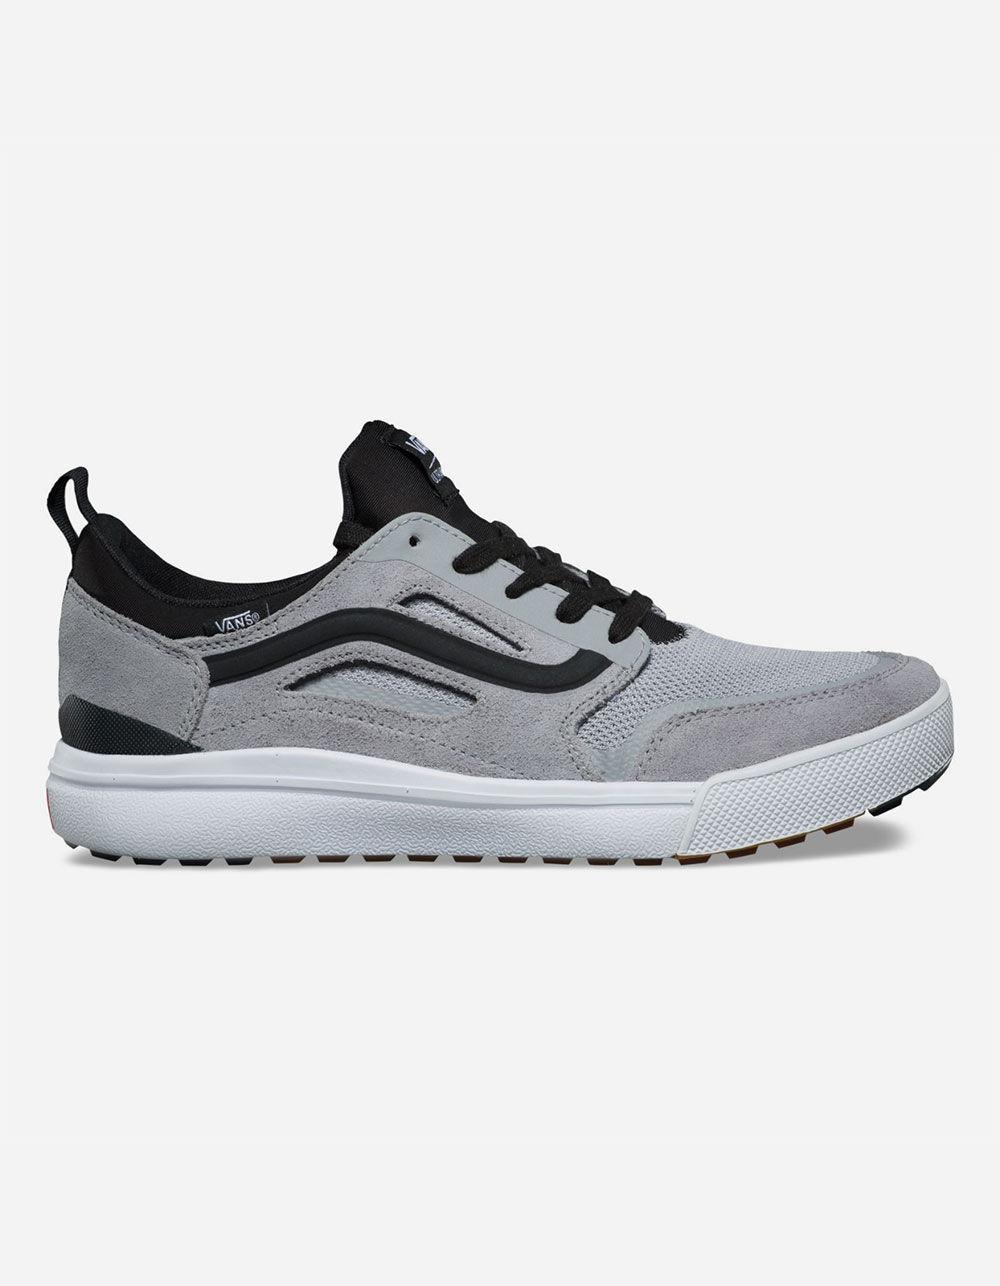 026750cfff2 Lyst - Vans Ultrarange 3d Gray Shoes in Gray for Men